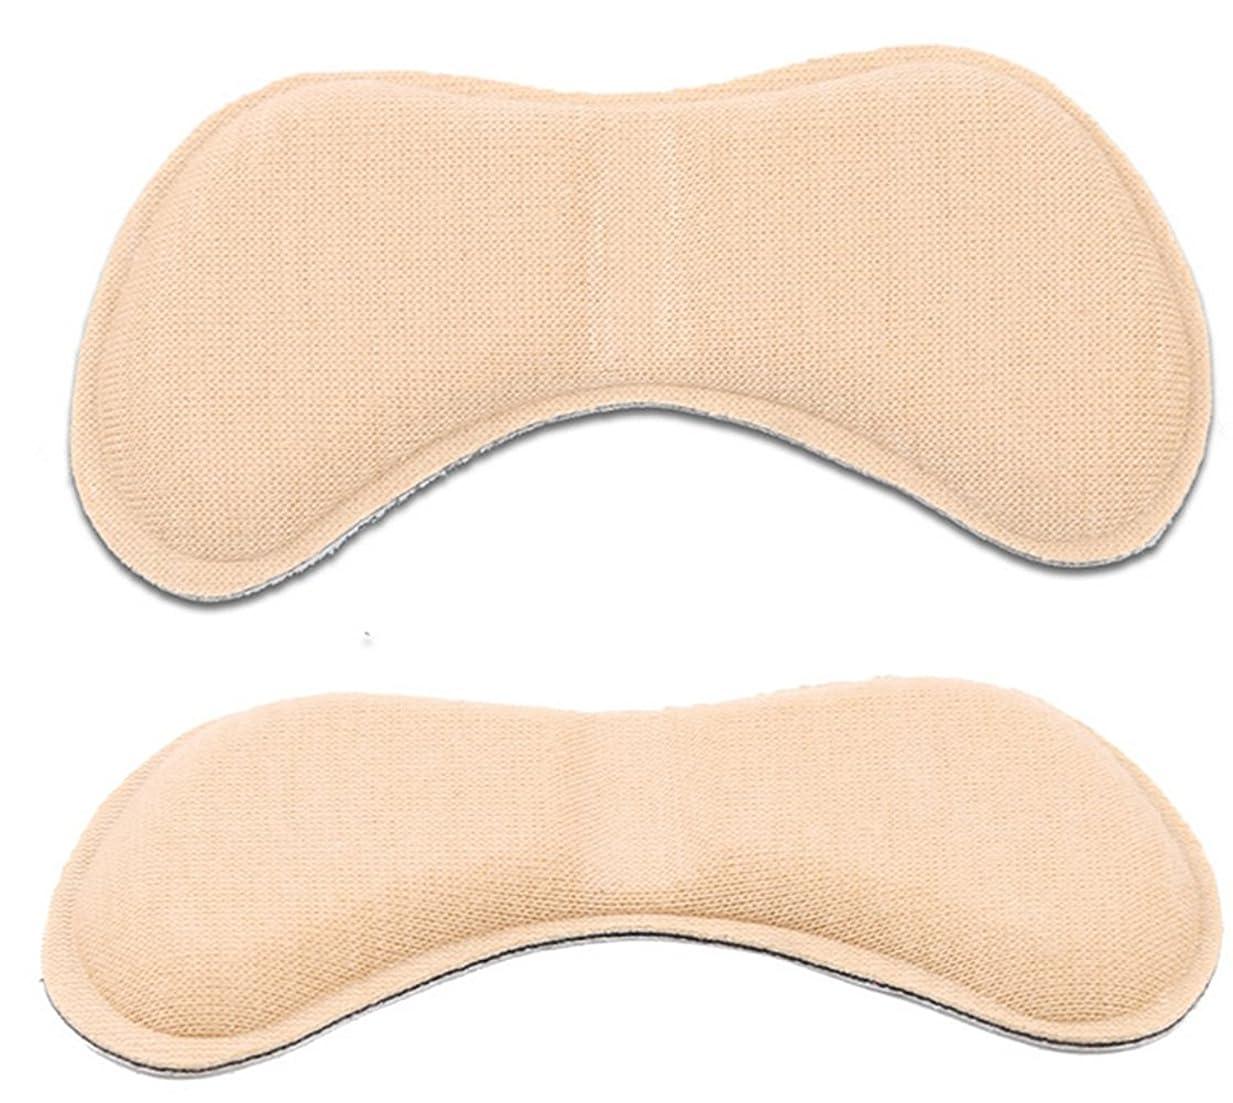 せっかちミッションファーザーファージュ[MNoel] ベージュ 靴ずれ防止 やわらかかかとクッション 貼るだけ簡単 滑り止め 魔法のかかとサポーター かかと抜け サイズ調整用 かかと 靴擦れ 防止 シート パット